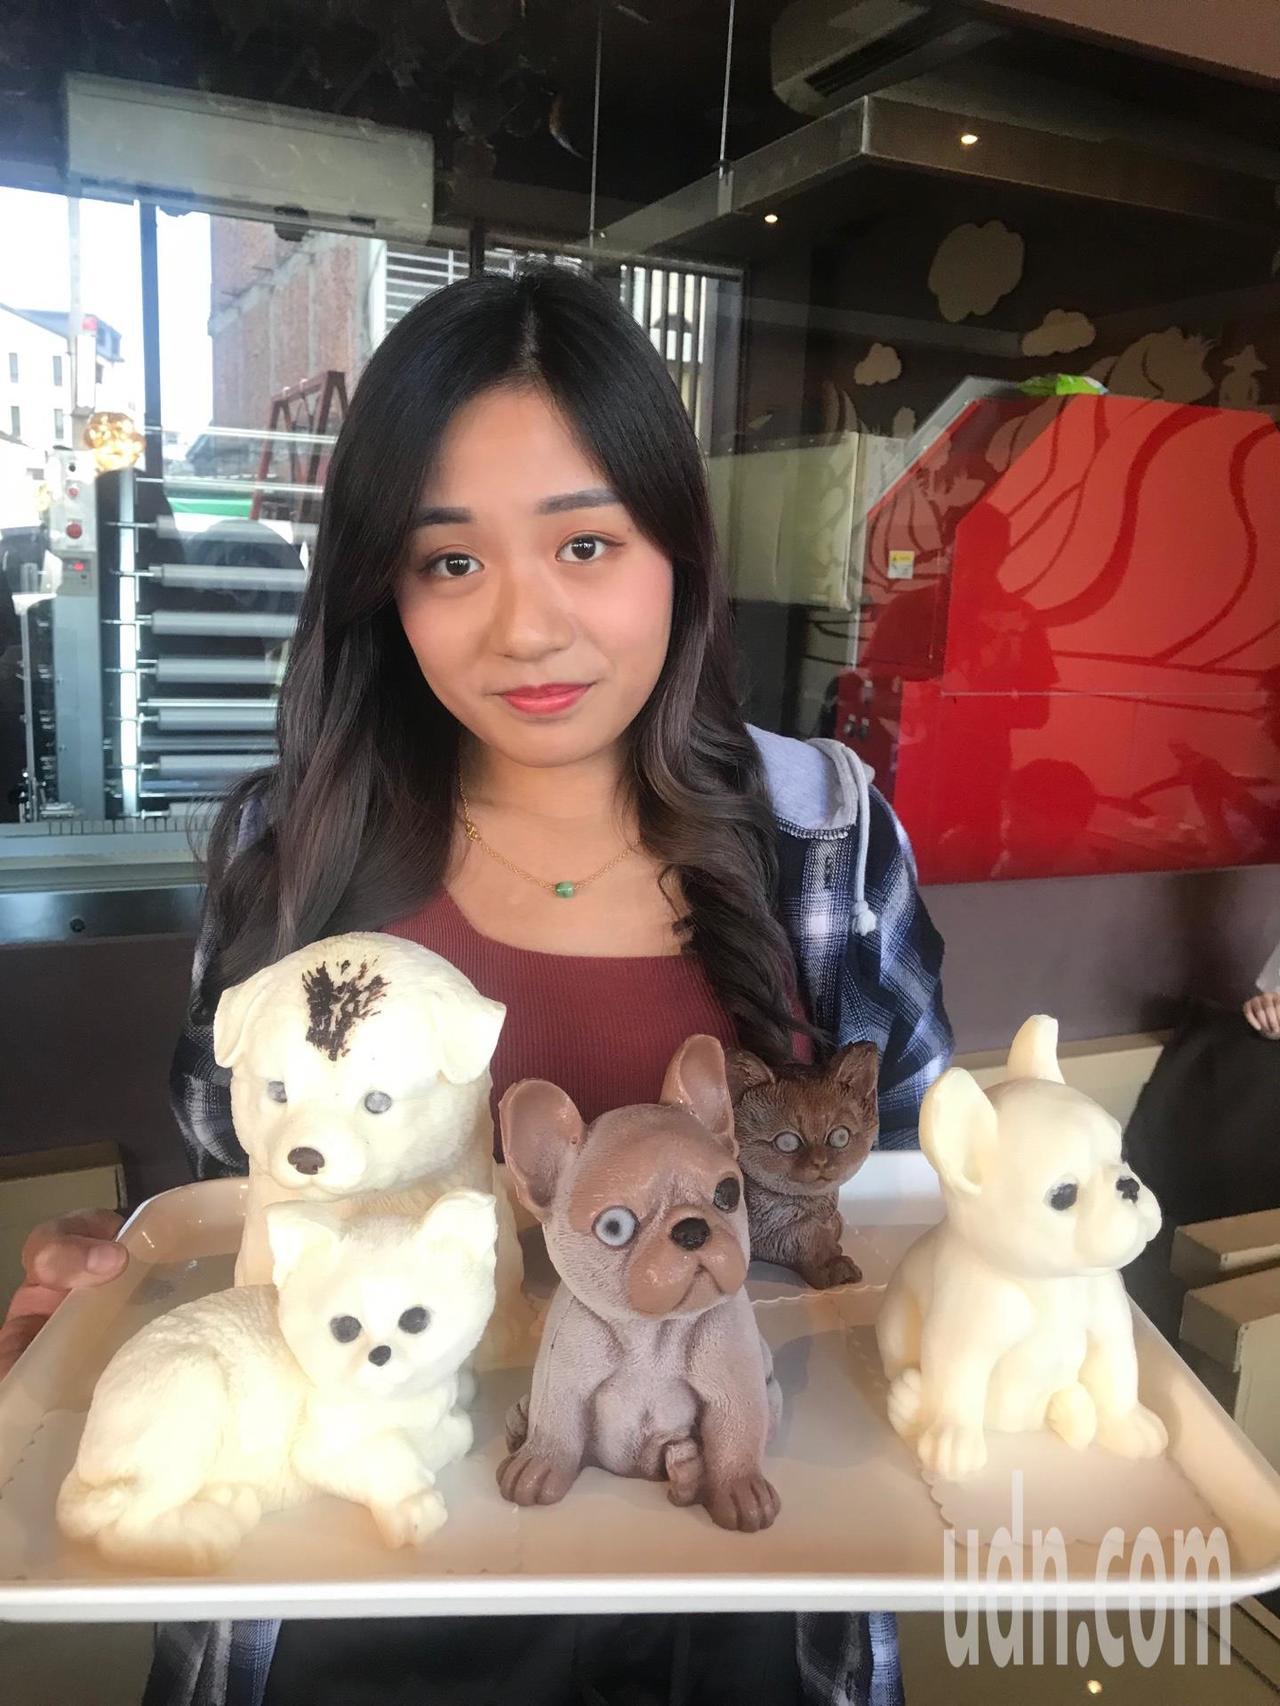 唯妙唯肖的狗狗包括沙皮狗、哈巴狗 貴賓狗,甚至也能做出豬、貓等許多可愛的造型,主...